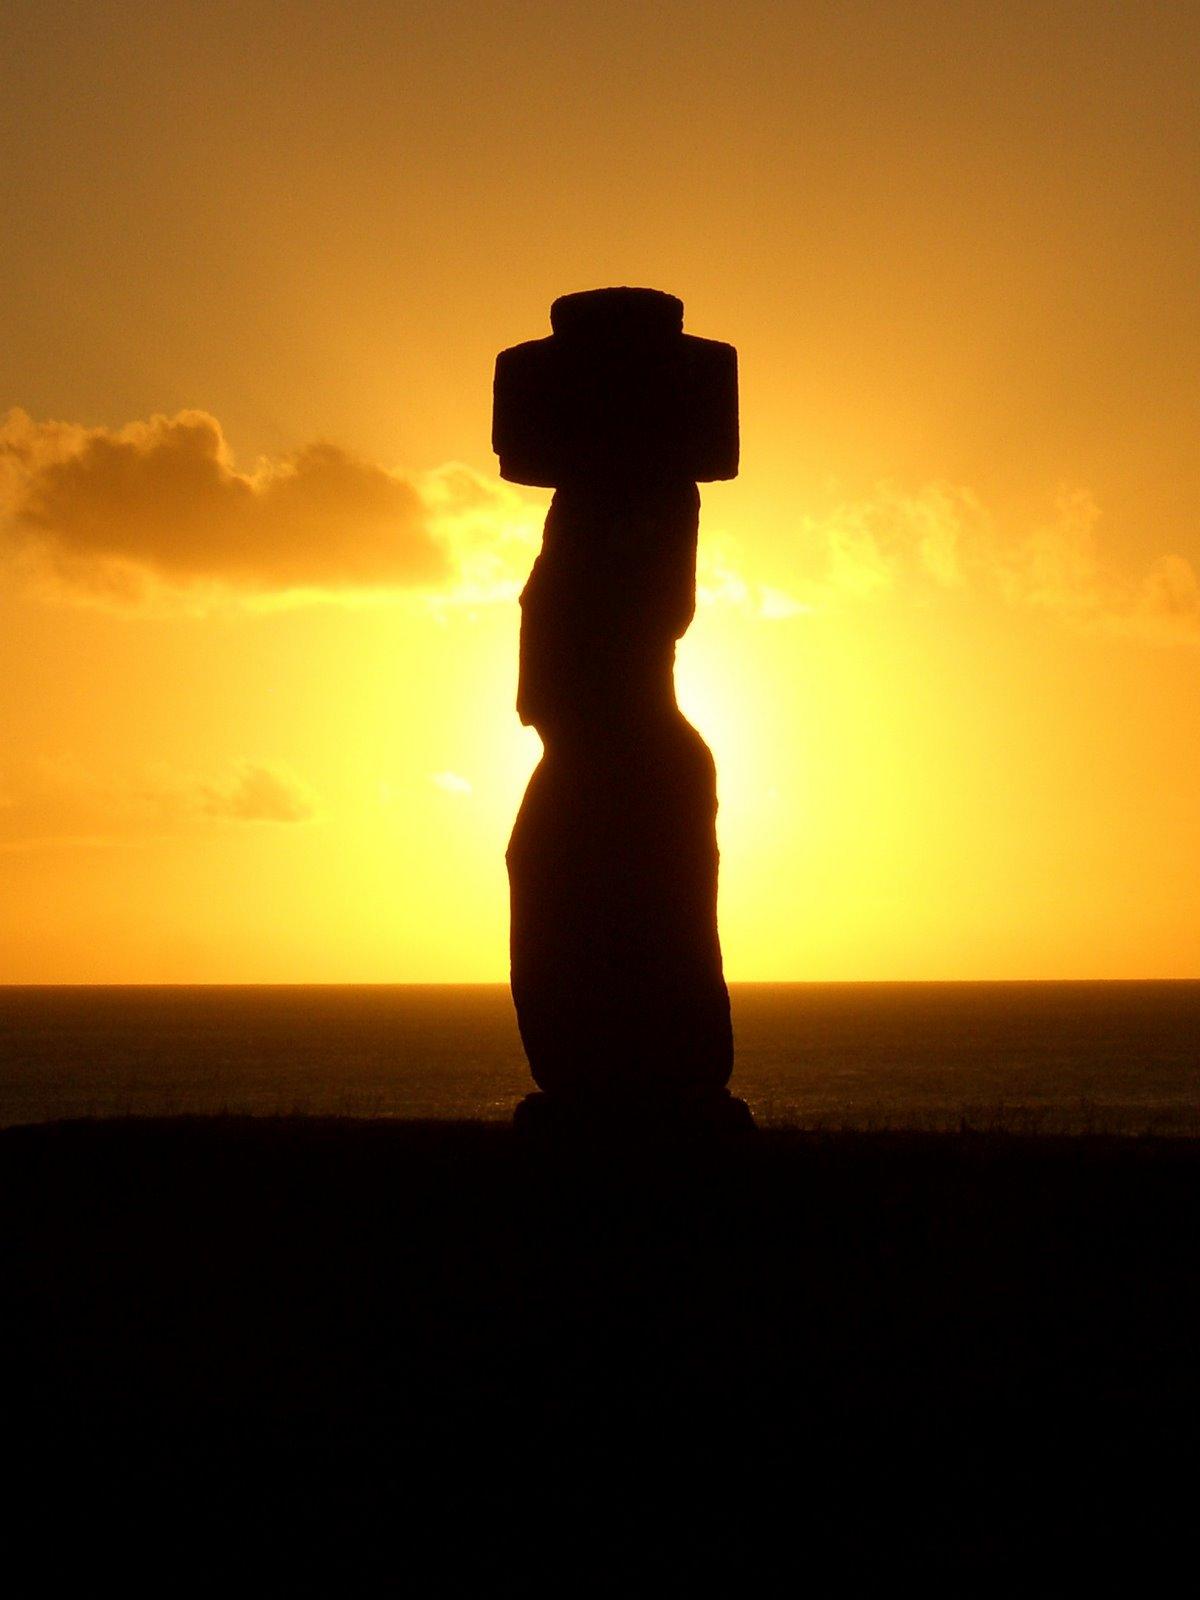 [5a+Easter+Island+7.JPG]